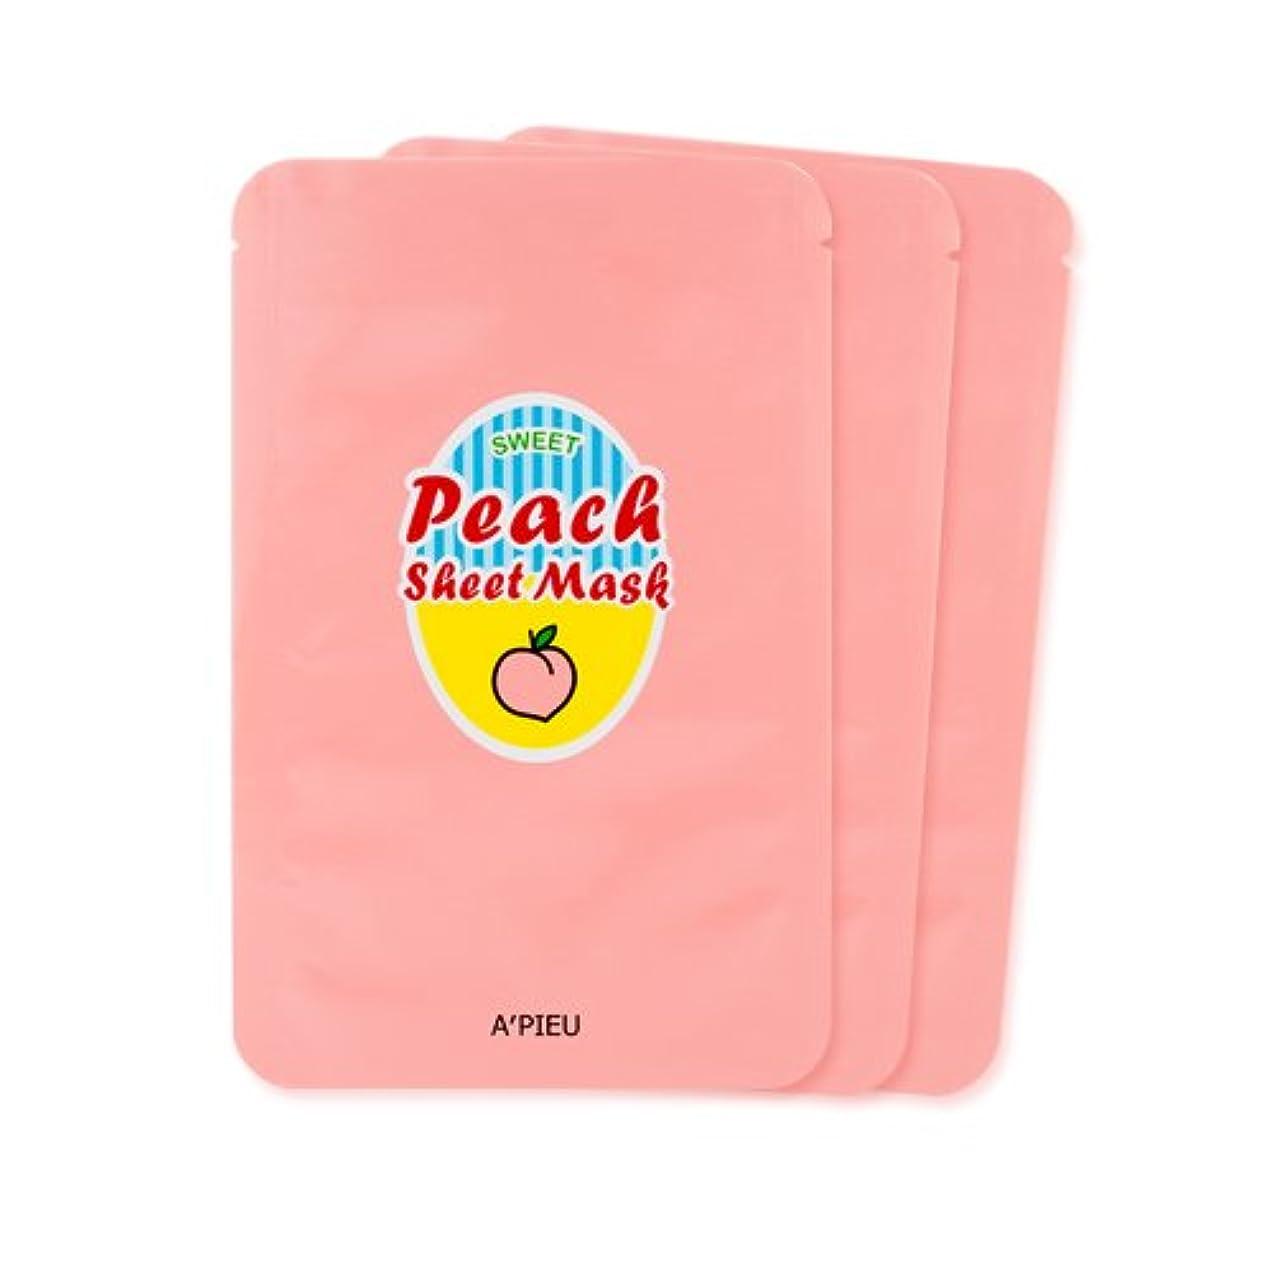 豊富な癌弾力性のあるA'PIEU Sweet Peach Sheet Mask 3EA / [オピュ/アピュ] スイートピーチシートマスク3枚 [並行輸入品]